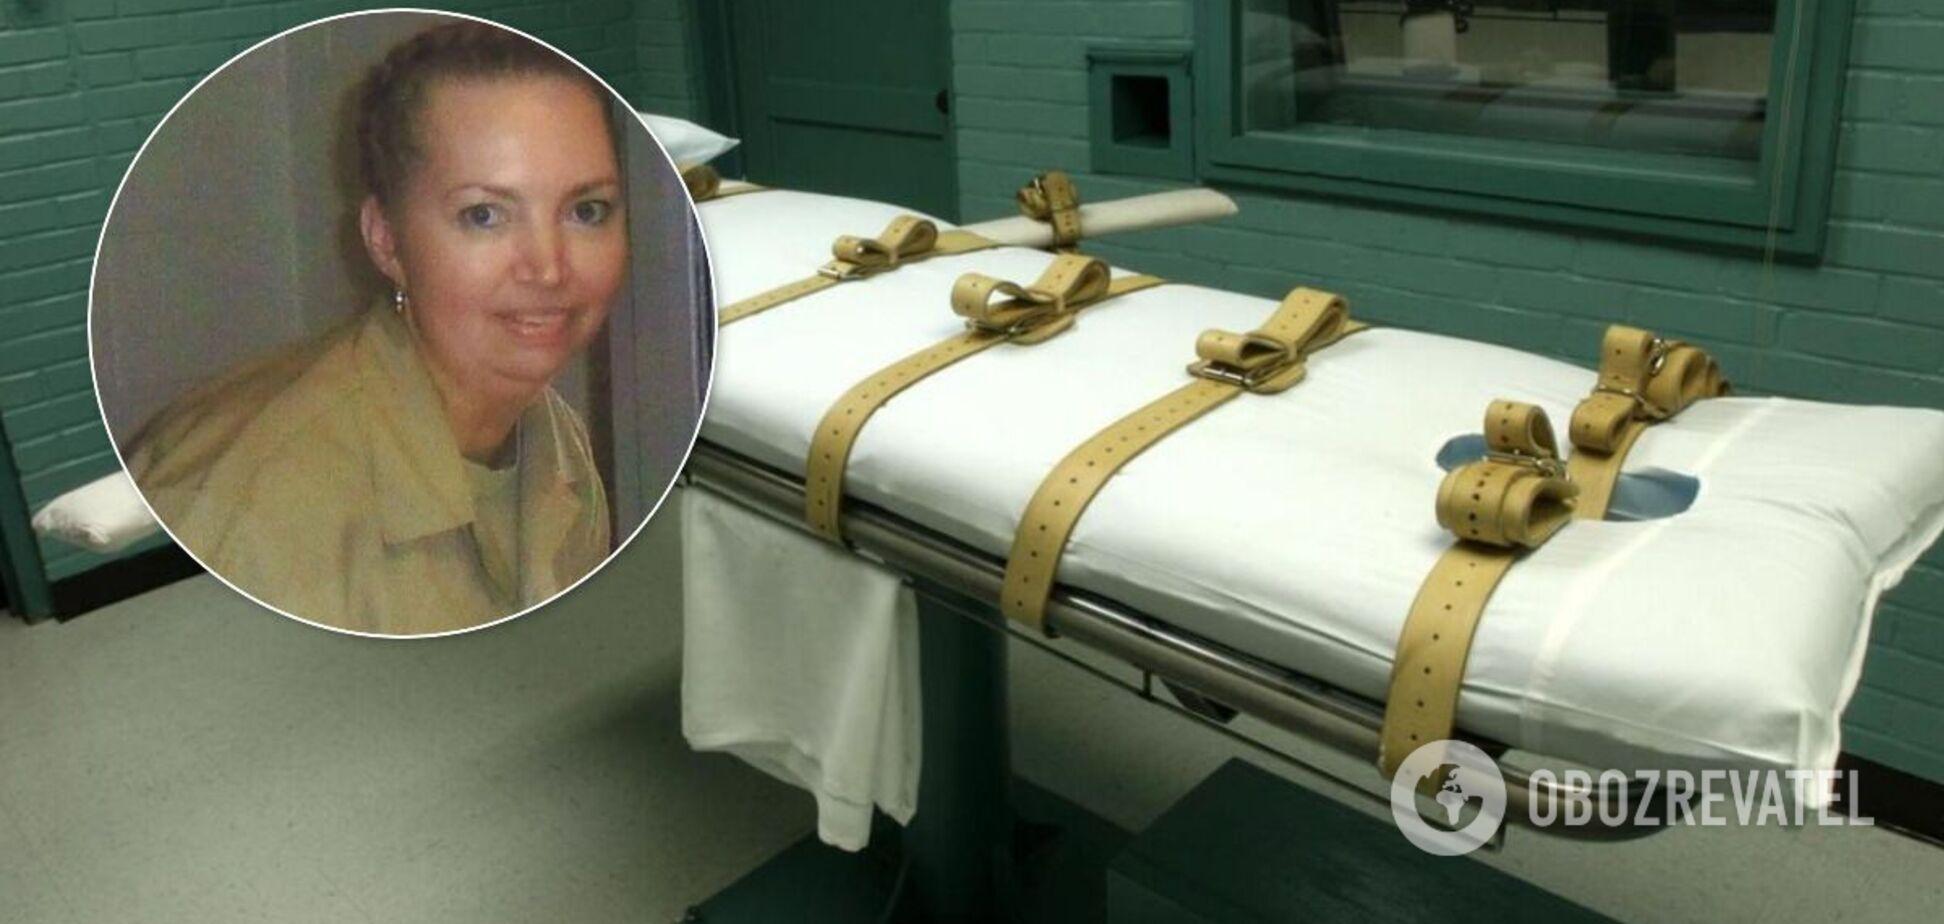 Лізу Монтгомері стратили у США